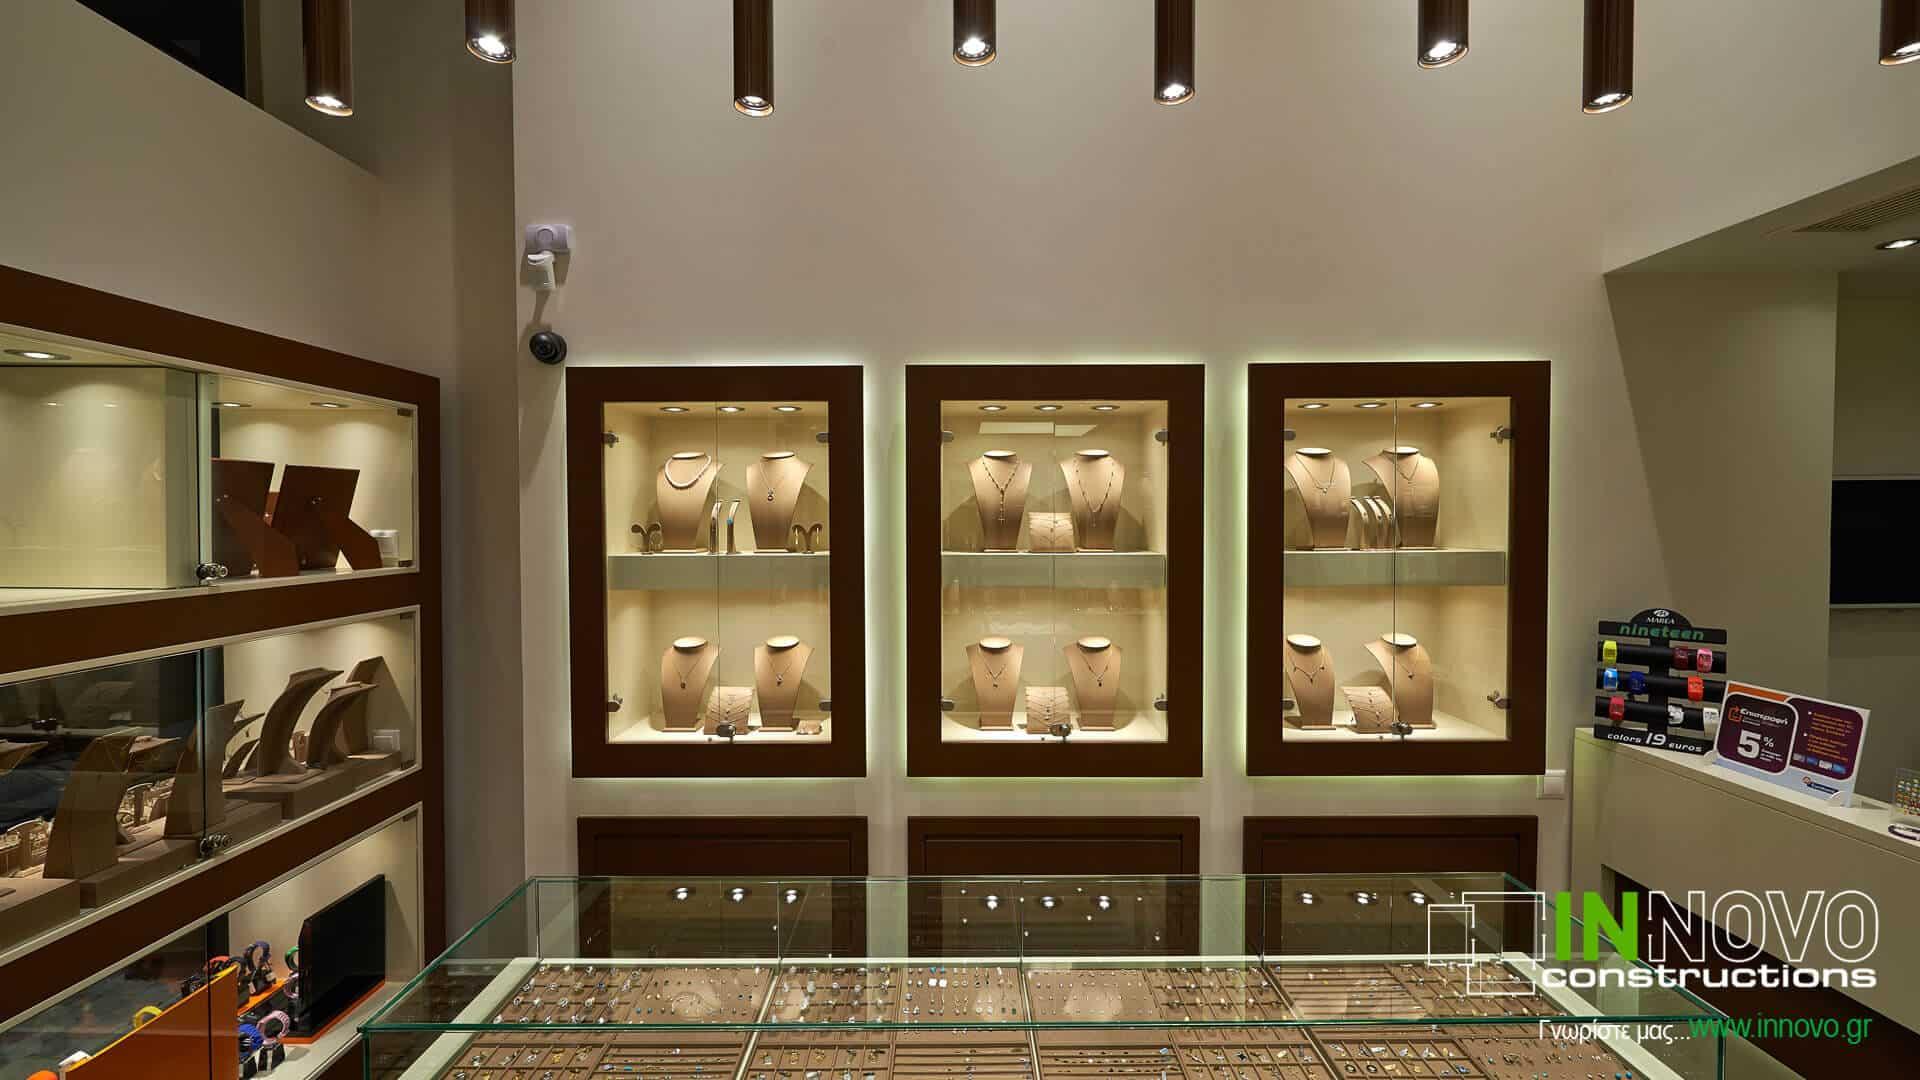 kataskevi-kosmimatopoleiou-jewelry-construction-kosmimatopoleio-neos-kosmos-1429-11